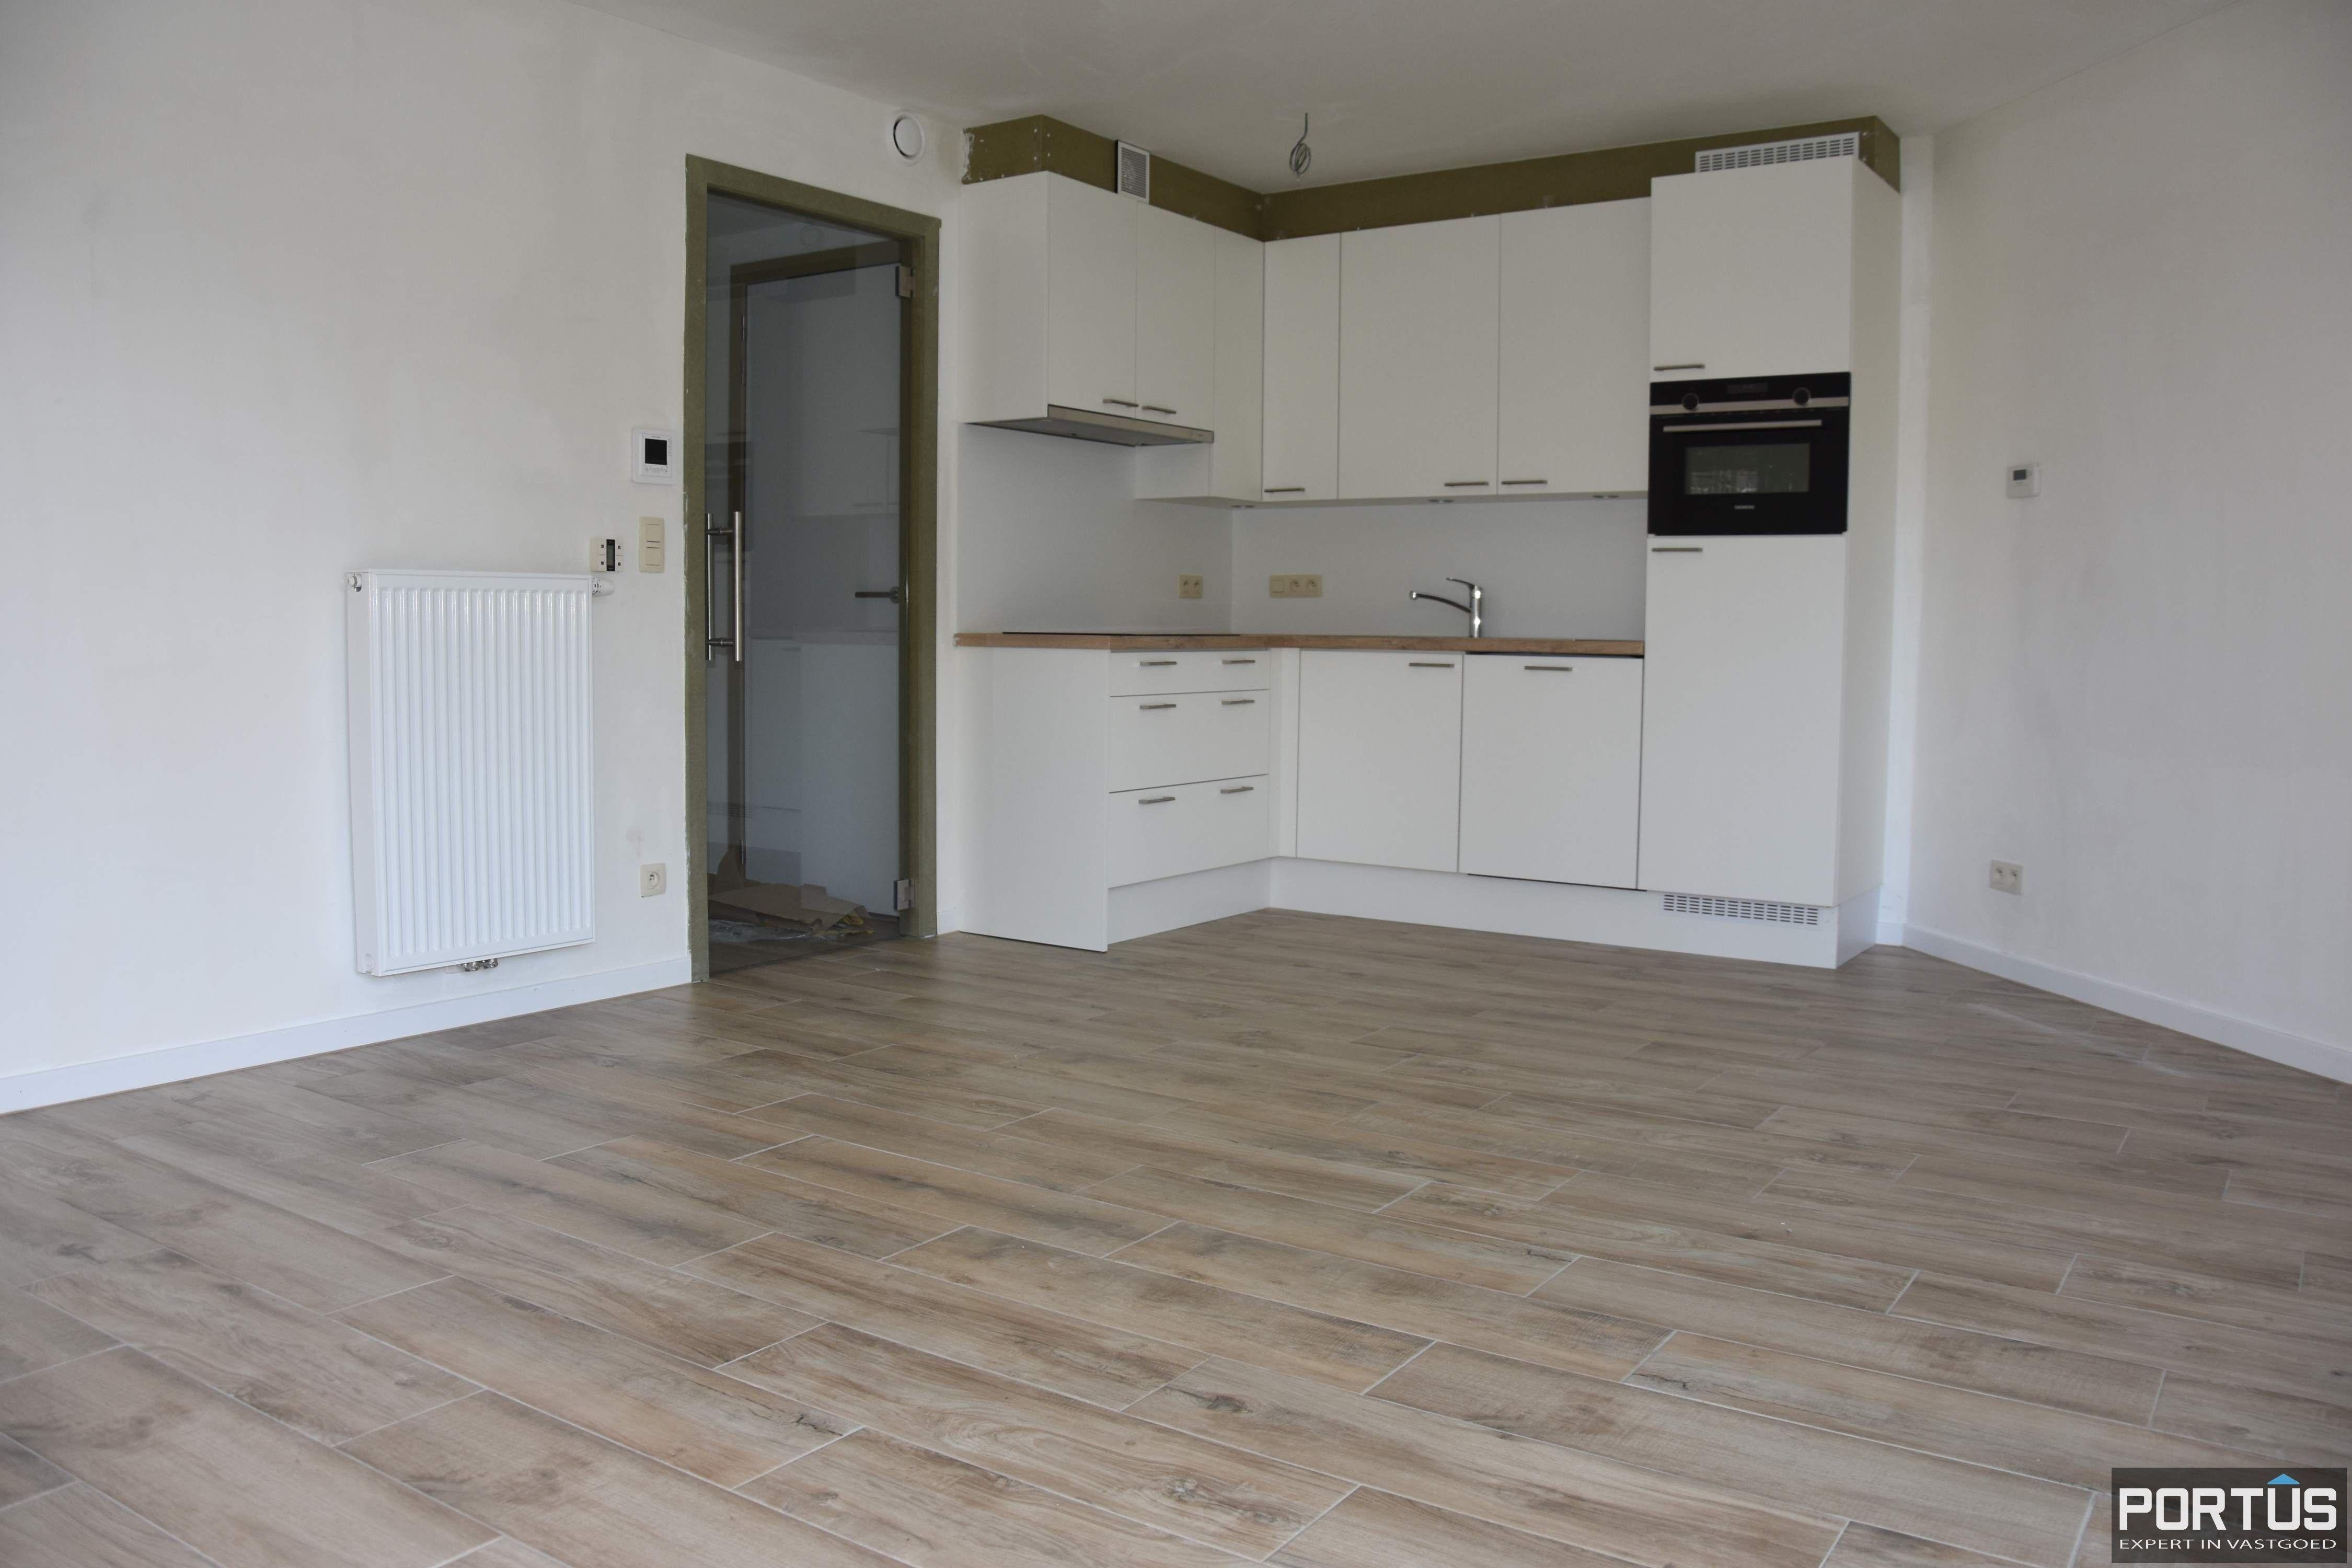 Appartement Residentie Villa Crombez Nieuwpoort - 9344